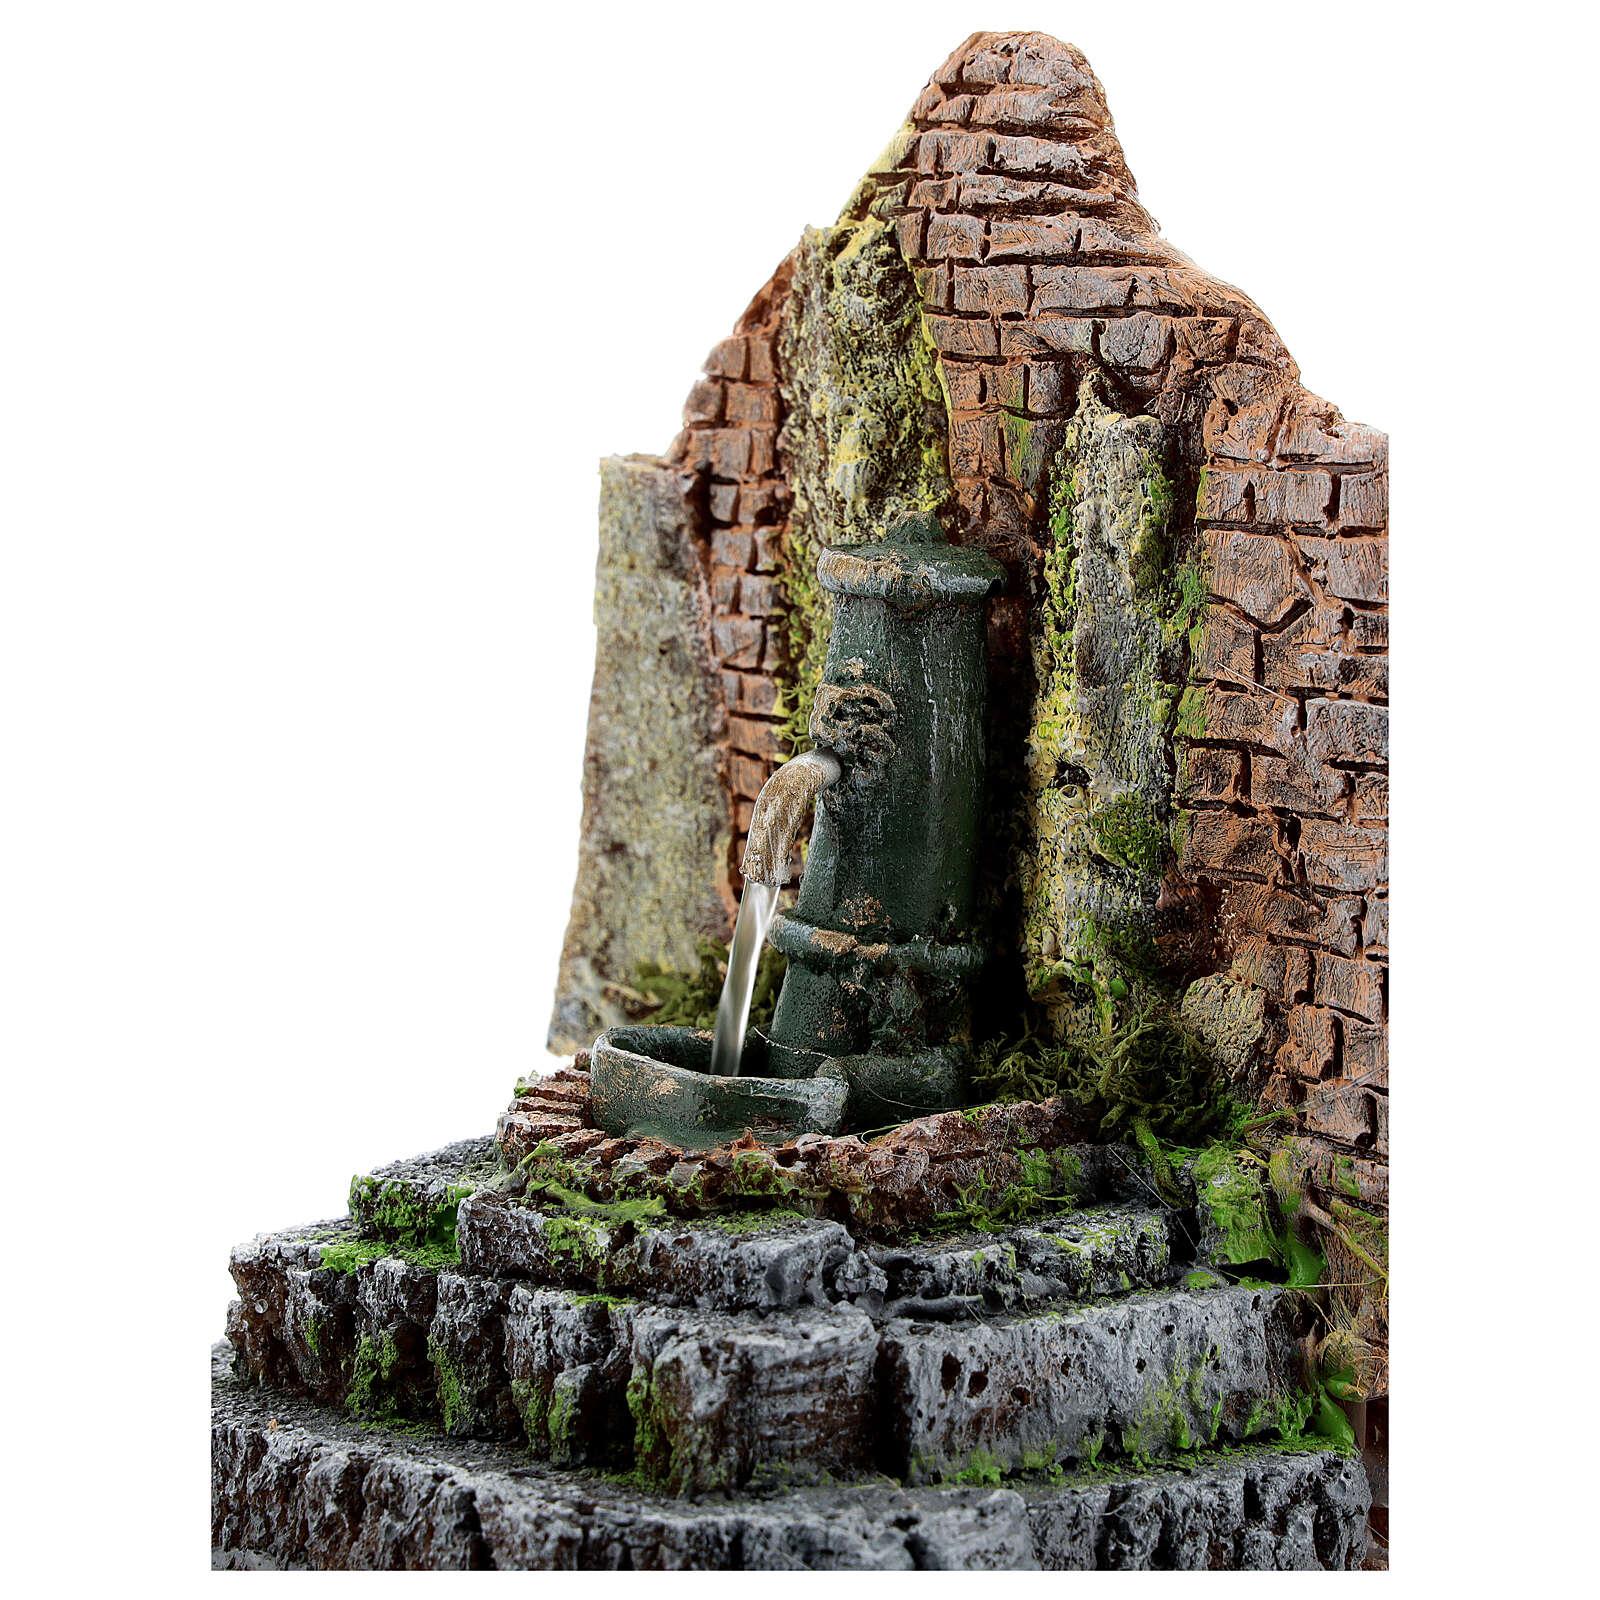 Fontana funzionante in muratura presepe 10-12 cm 15x15x10 cm 4